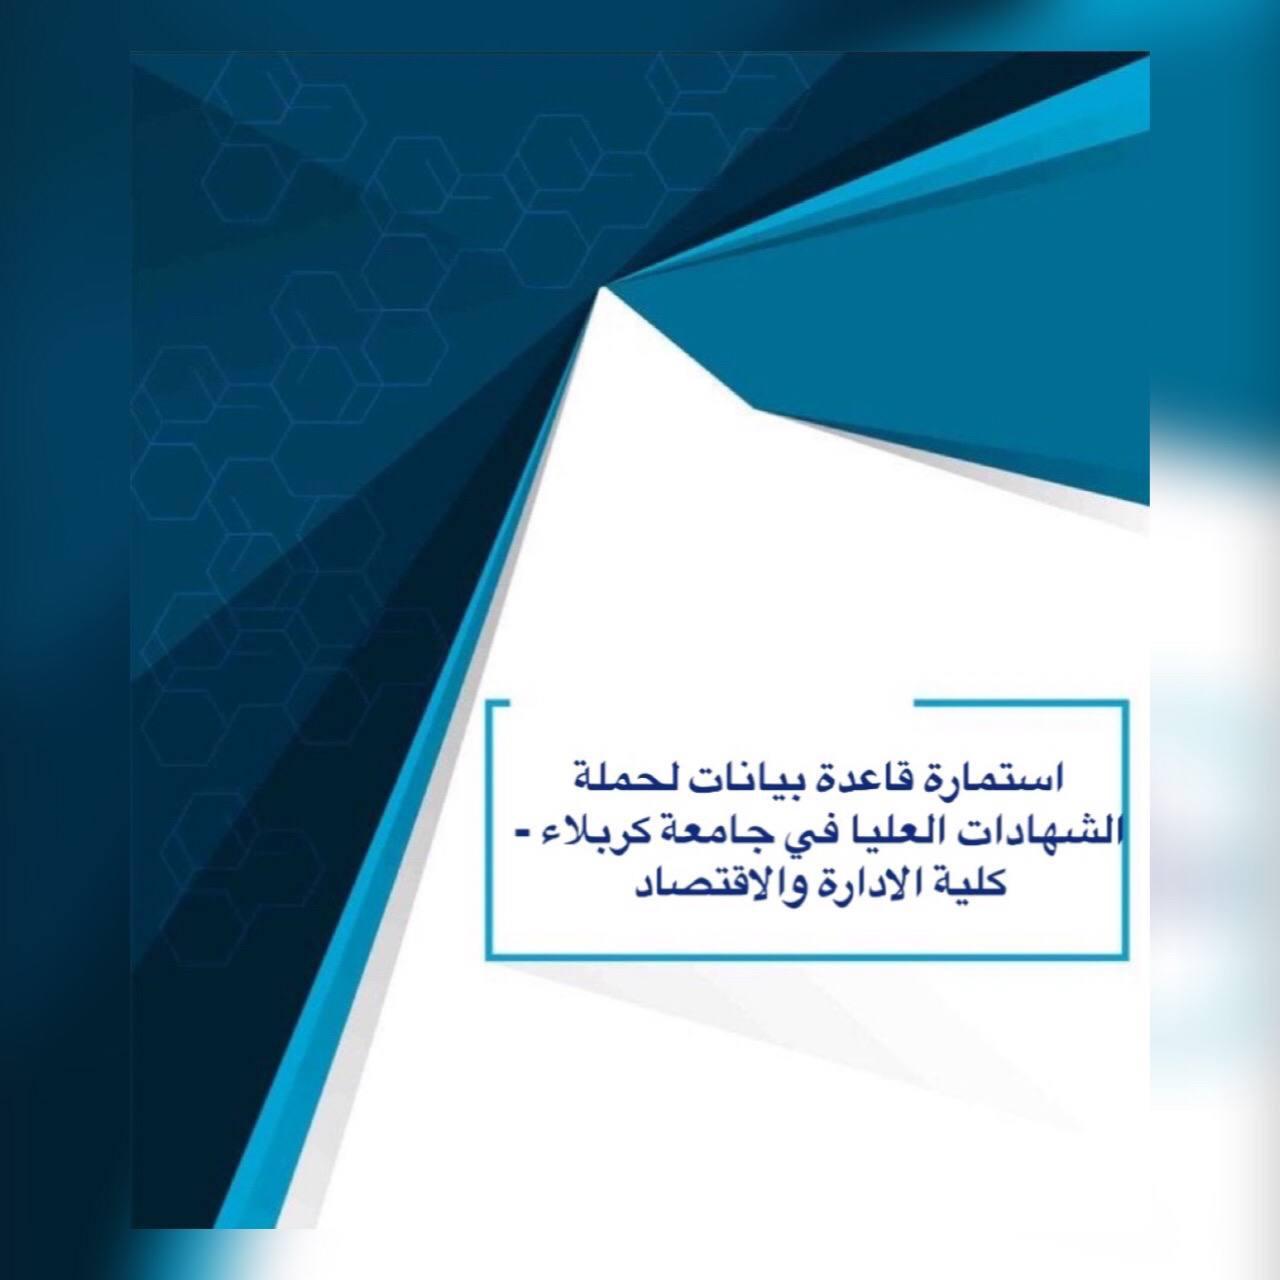 استمارة قاعدة البيانات لحملة الشهادات العليا المشمولين بأحكام القانون رقم (59) لسنة 2017 جامعة كربلاء – كلية الادارة والاقتصاد حصراً